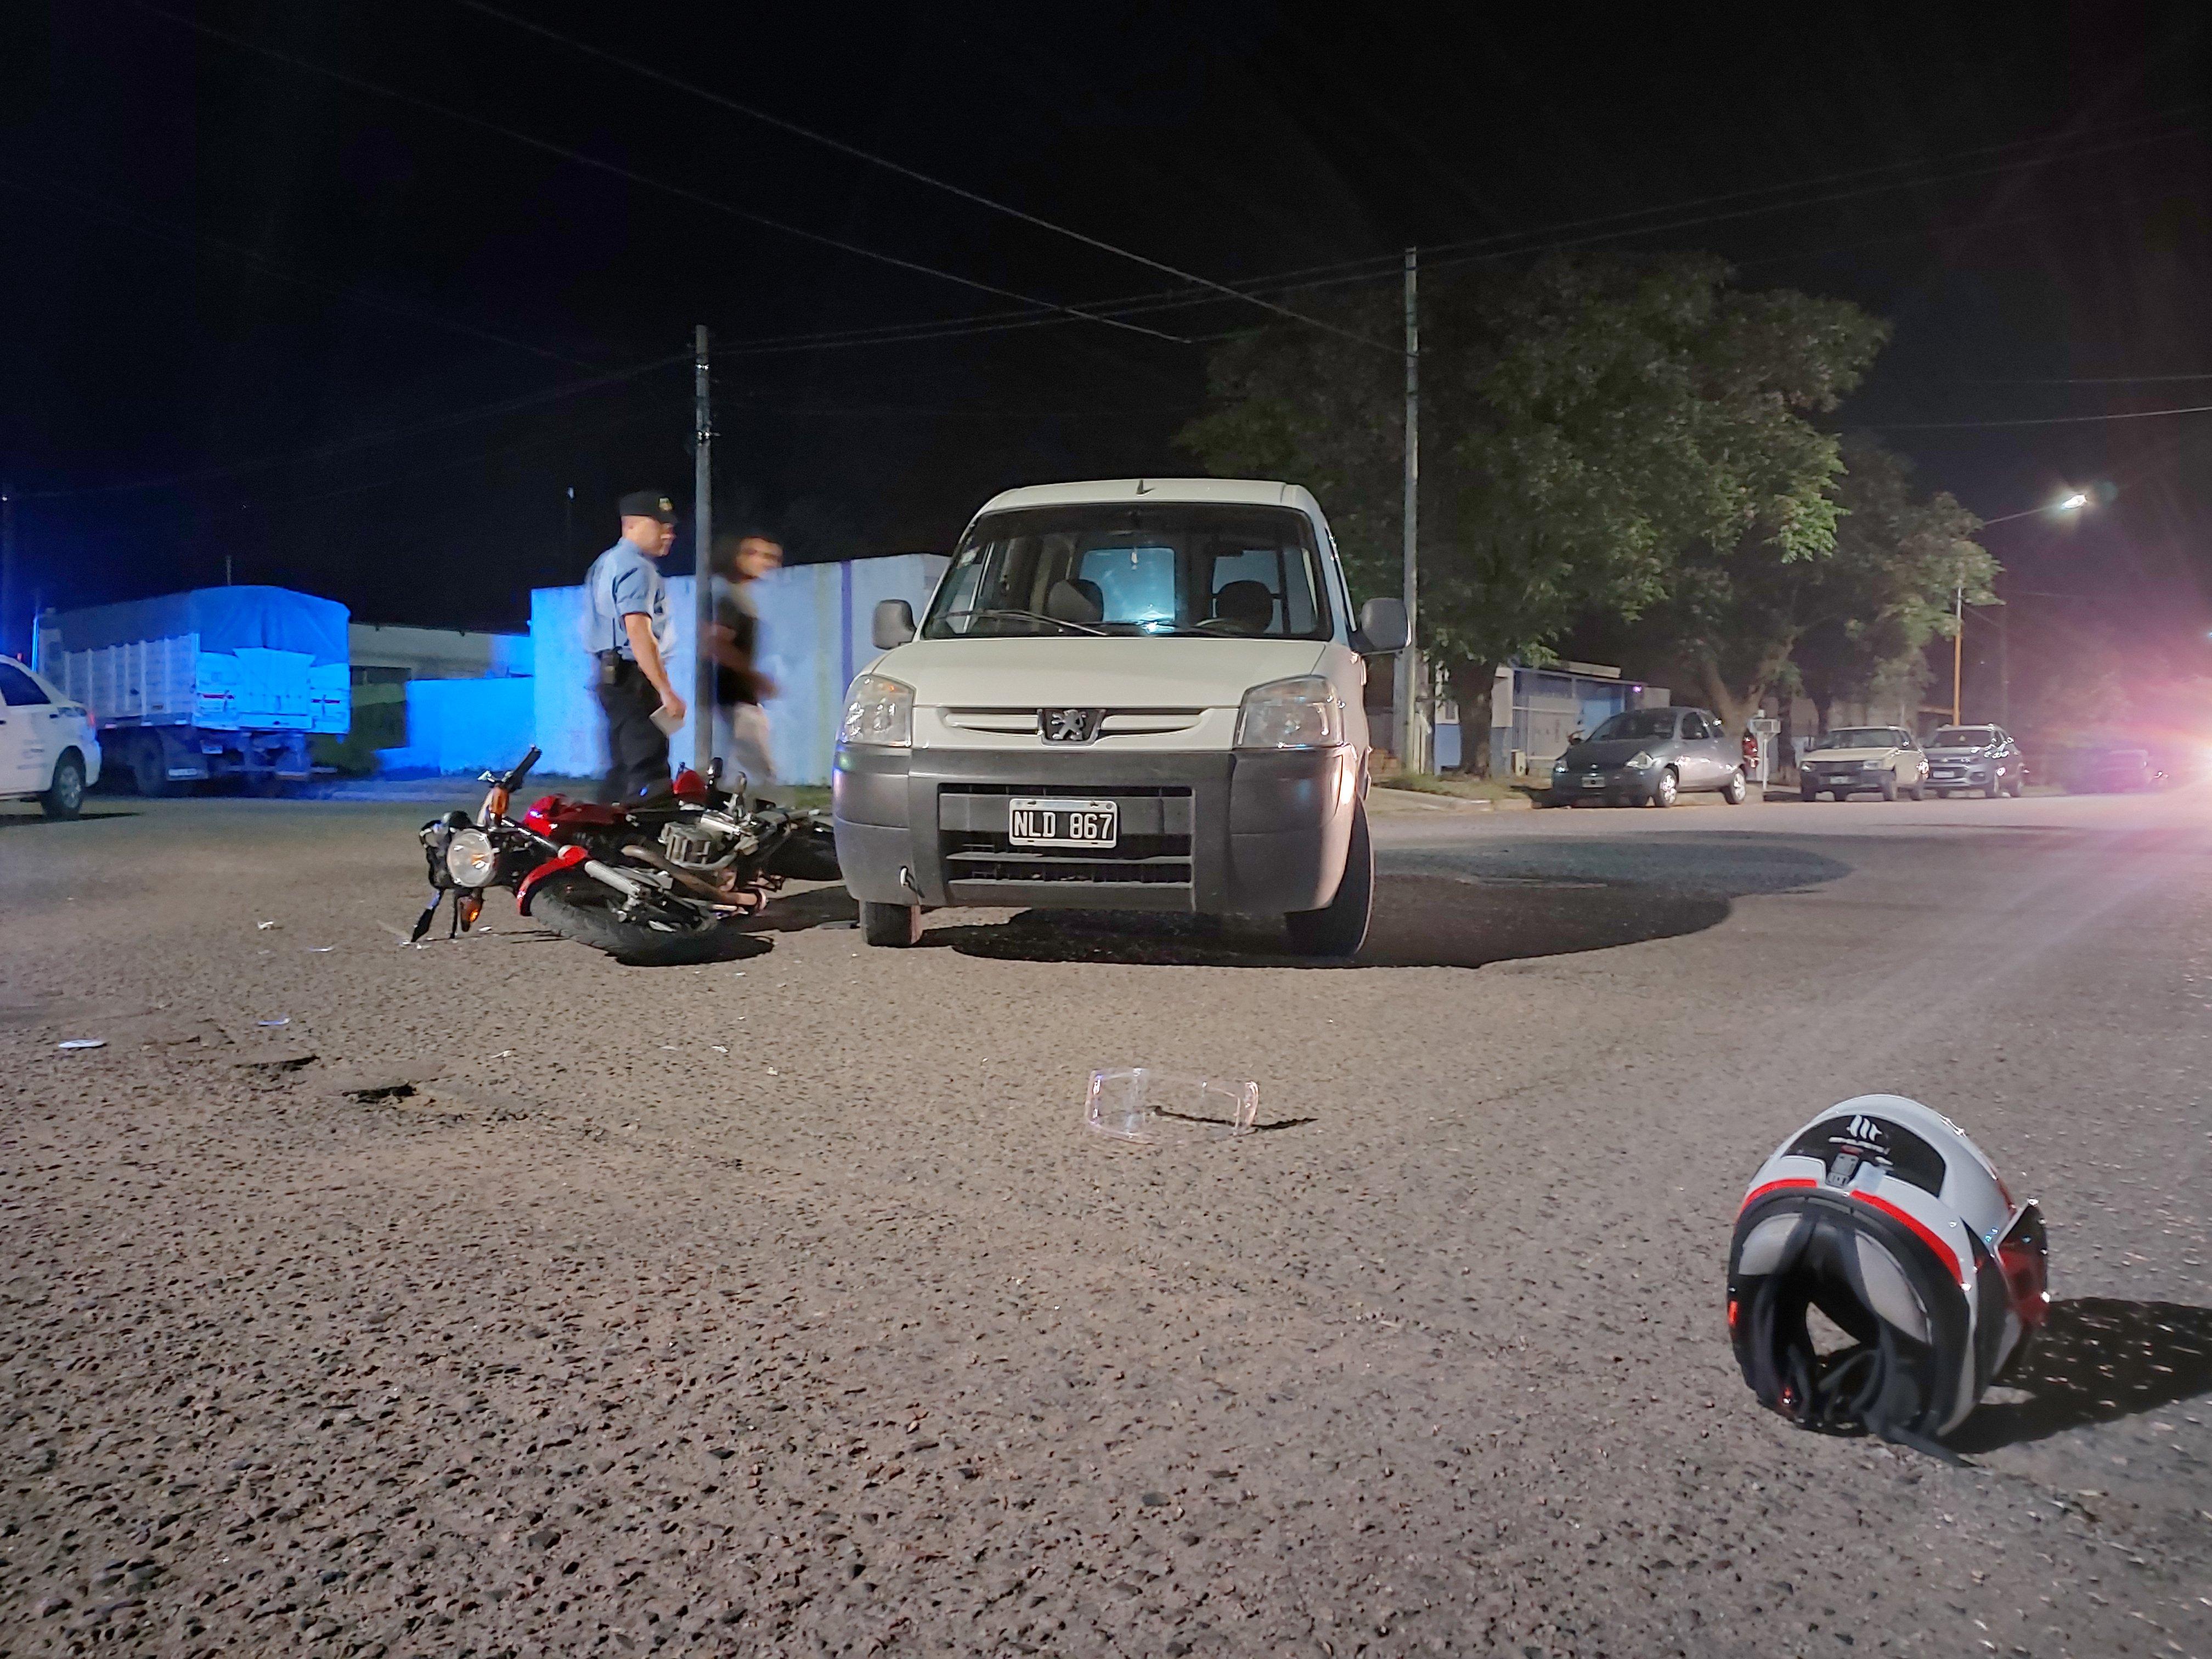 Un joven motociclista quedó inconsciente tras chocar fuertemente con un utilitario